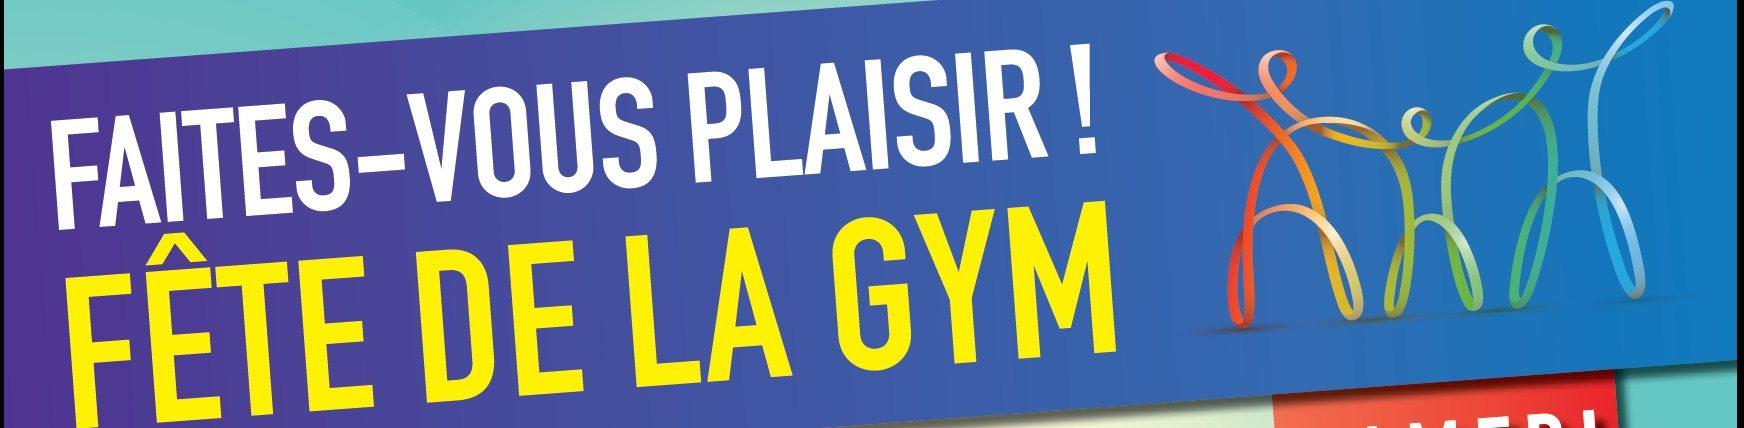 fête de la gym